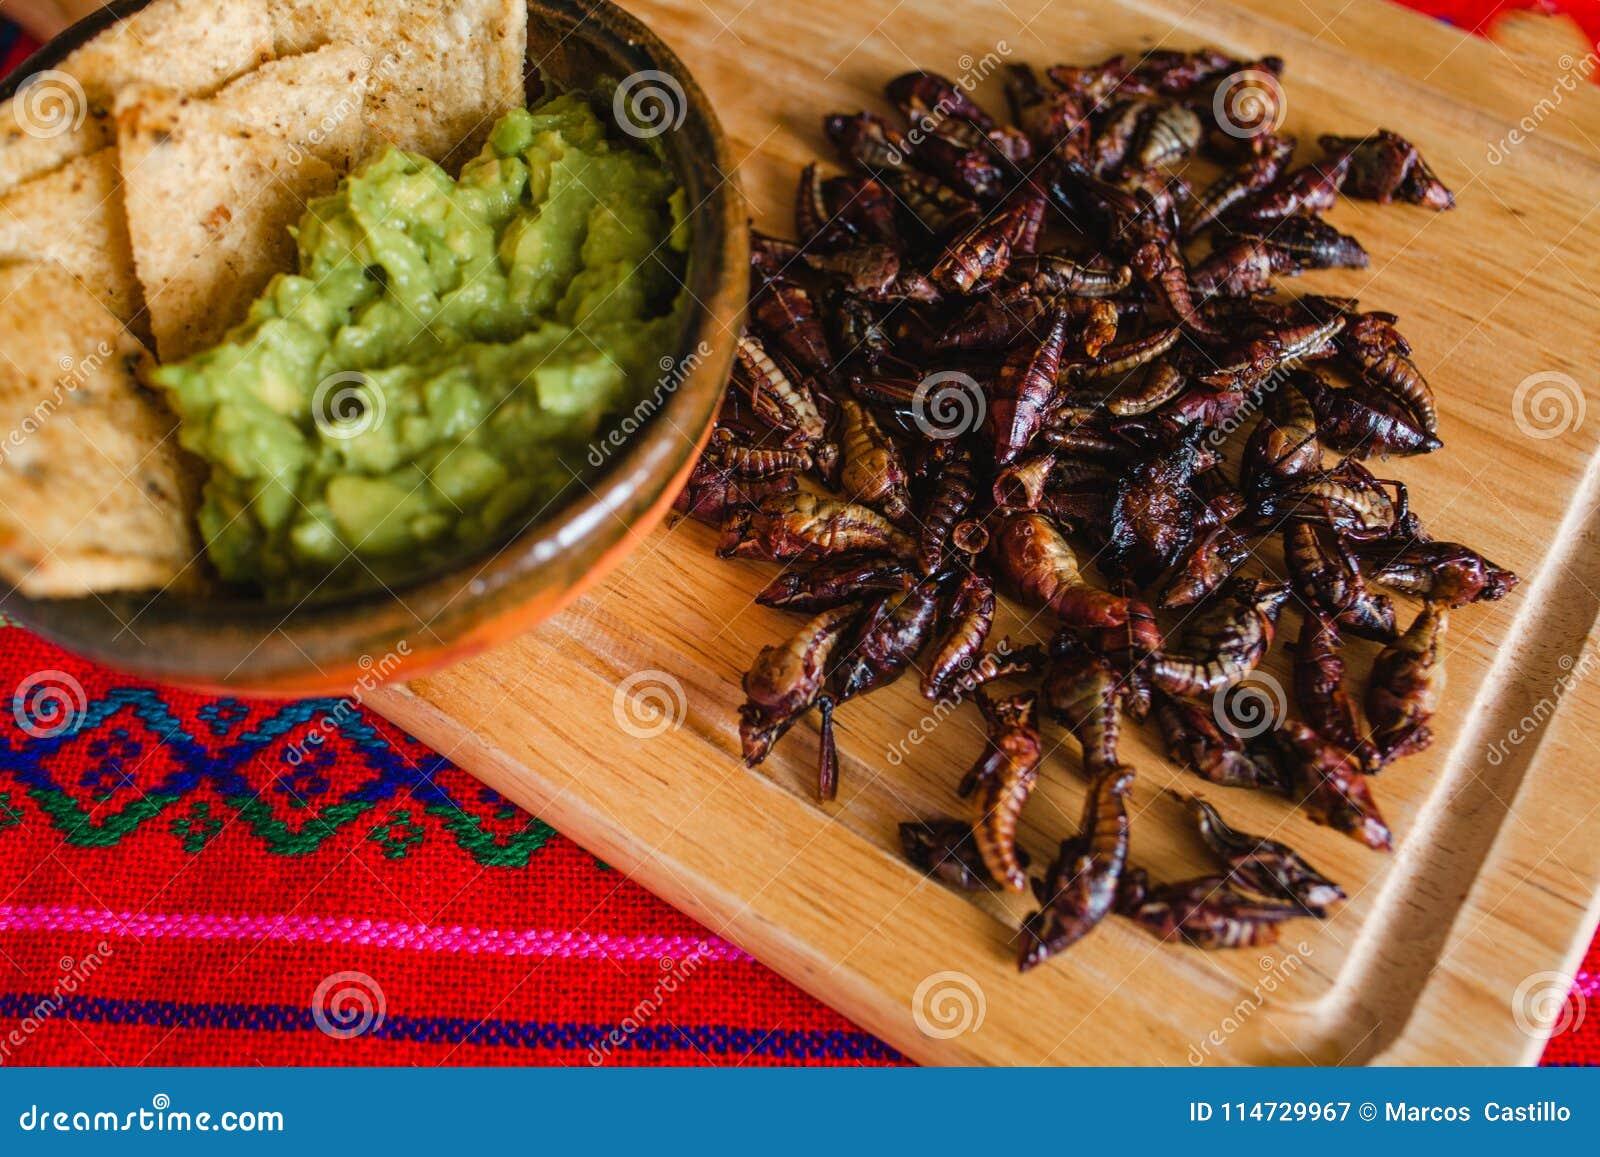 Chapulines cuisine mexicaine traditionnelle de casse cro te de sauterelles d 39 oaxaca mexique - Cuisine mexicaine traditionnelle ...